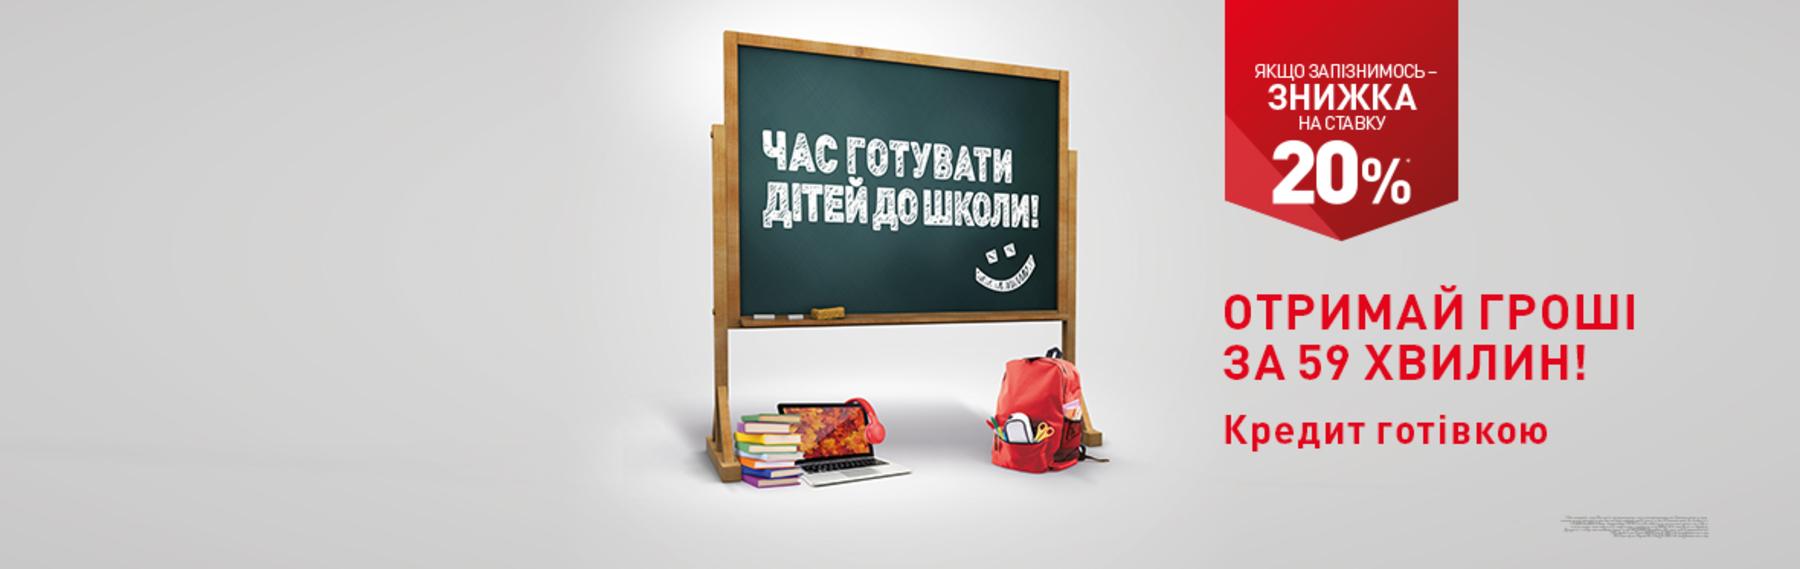 Форекс в днепропетровске адрес телефон как поставить советника на systemforex.by